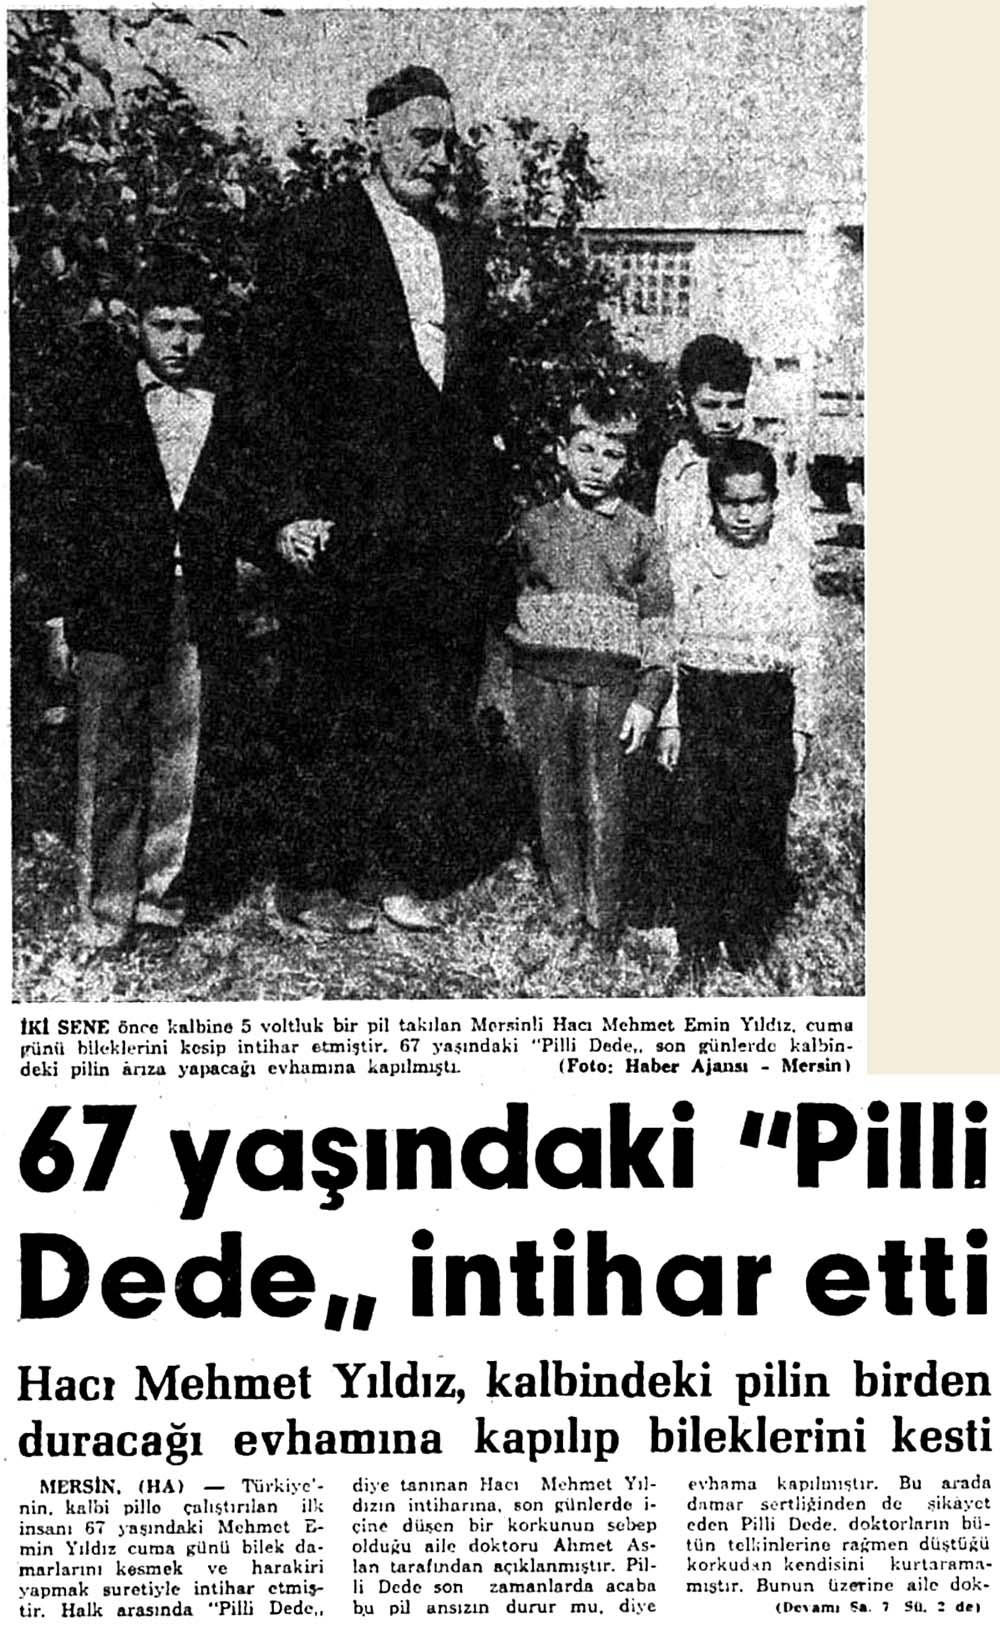 67 yaşındaki ''Pilli Dede'' intihar etti